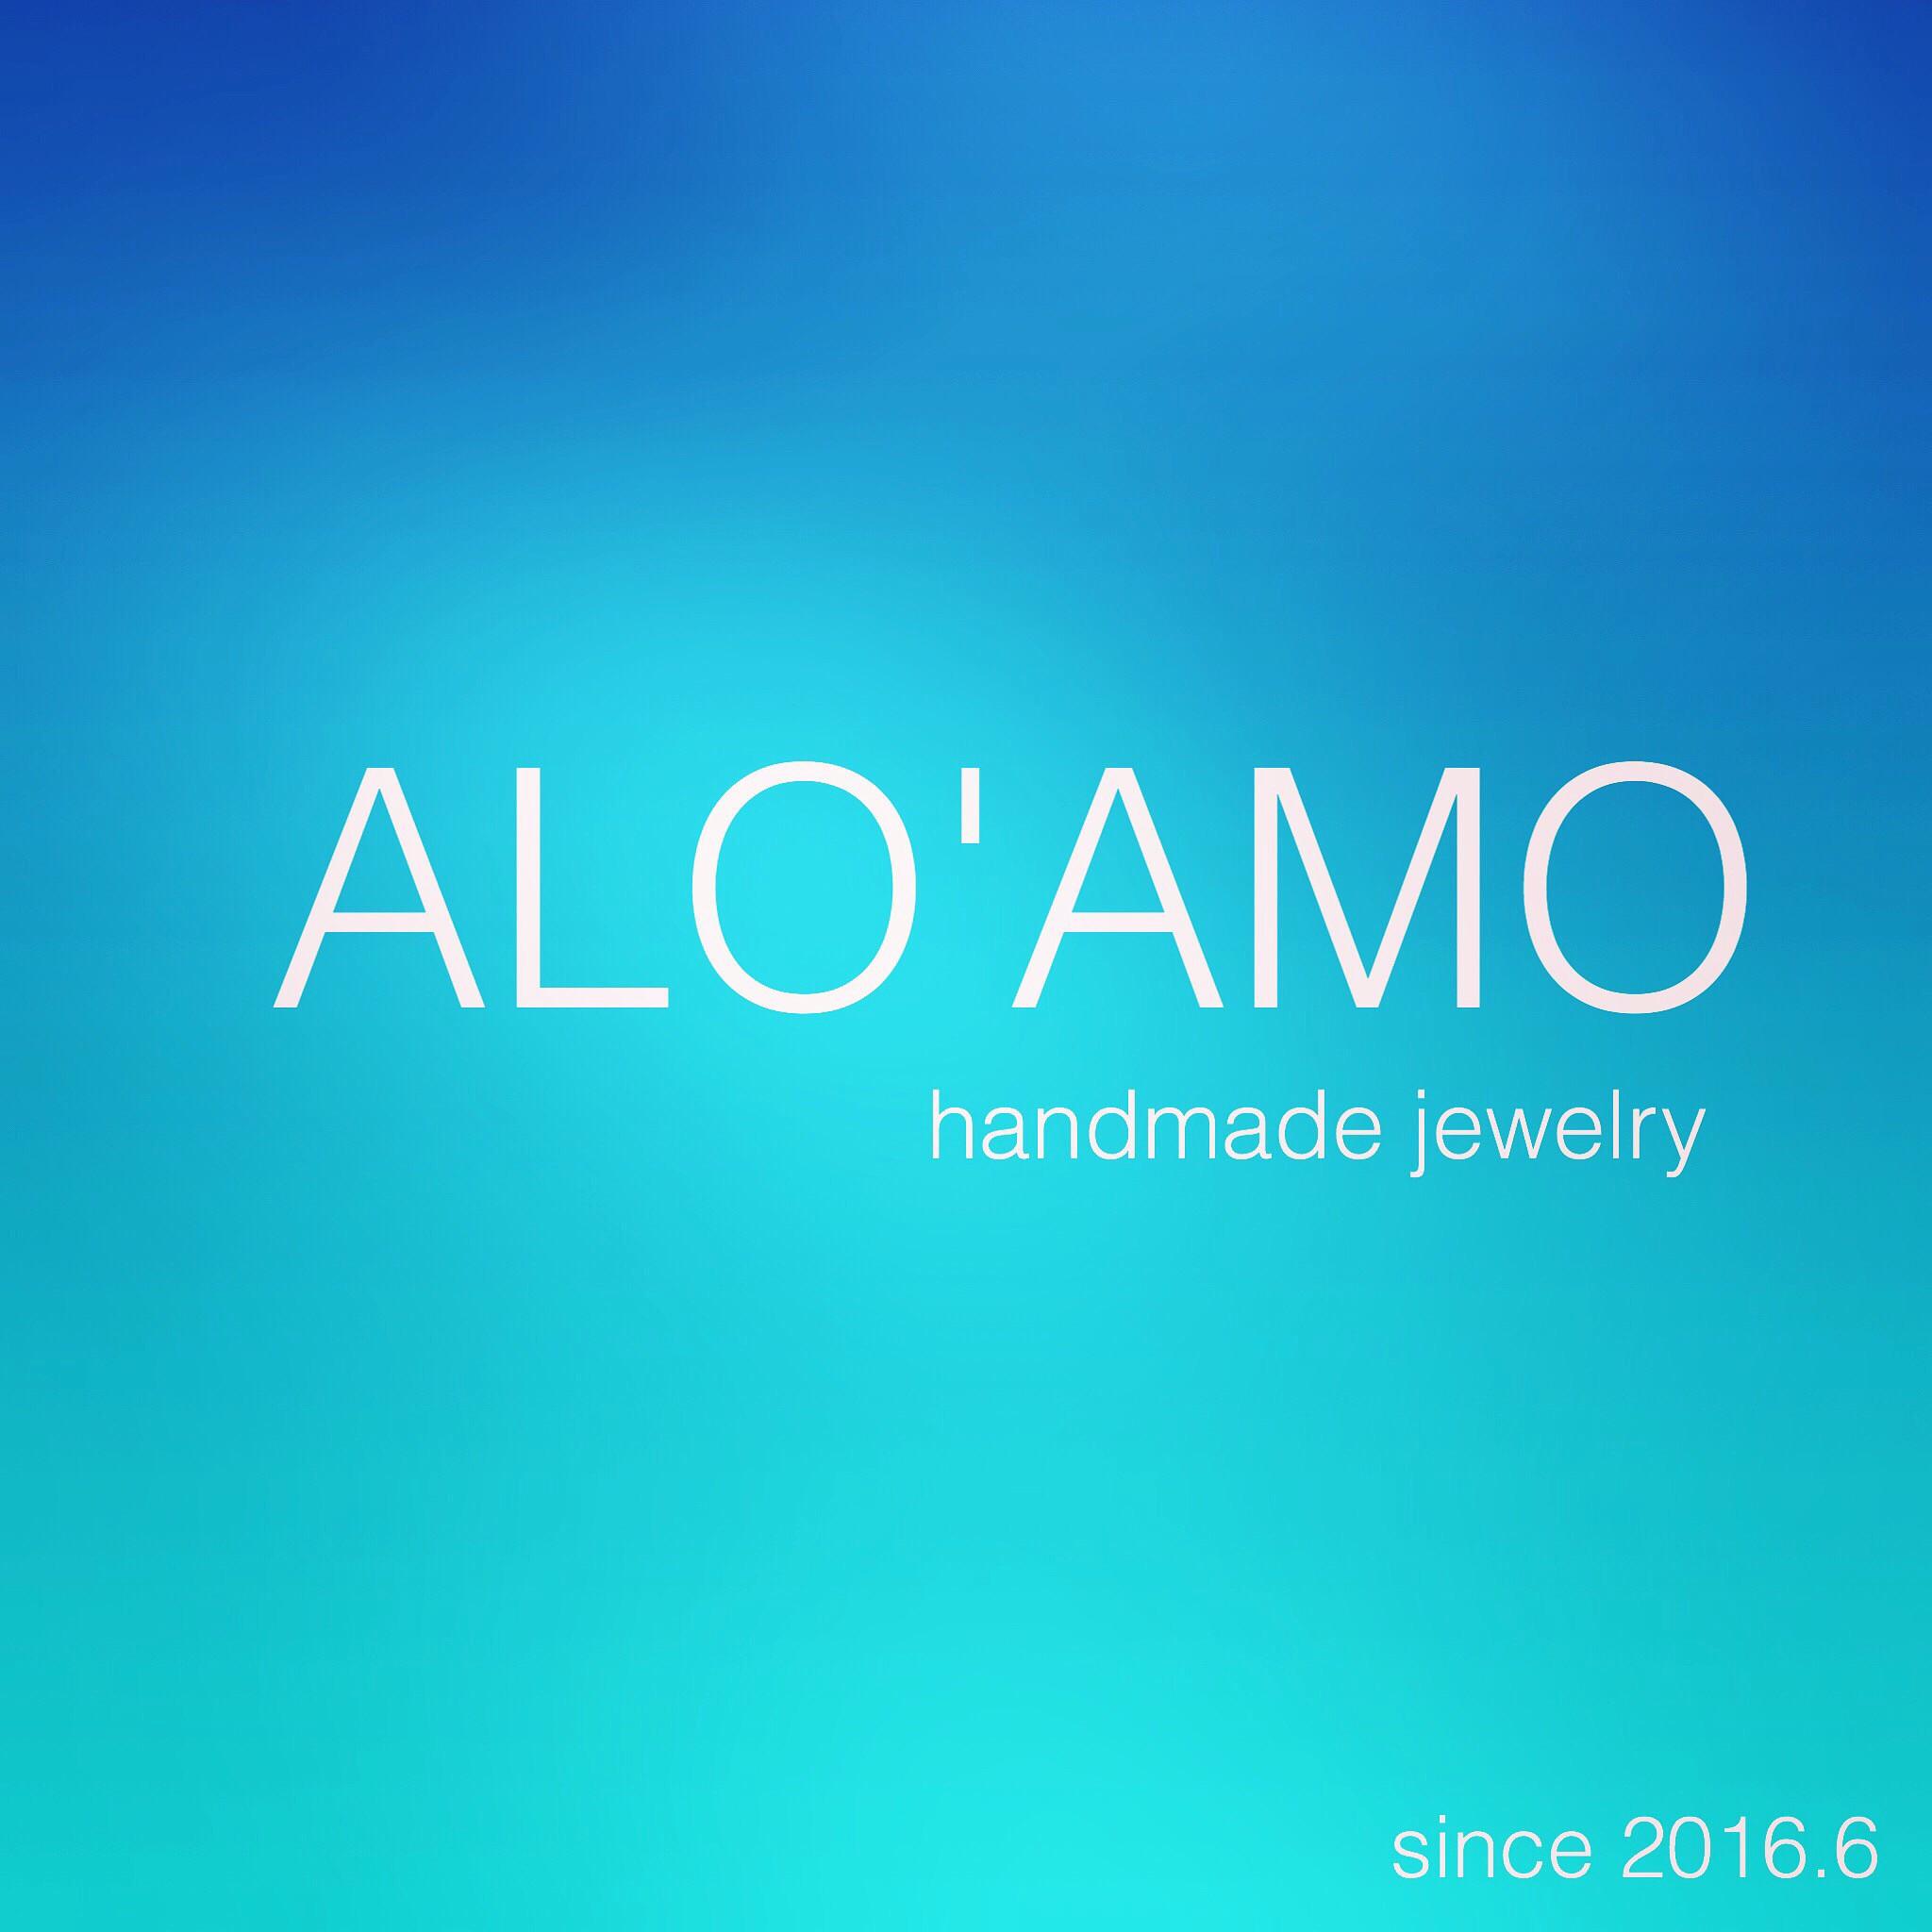 ALO'AMO renewal